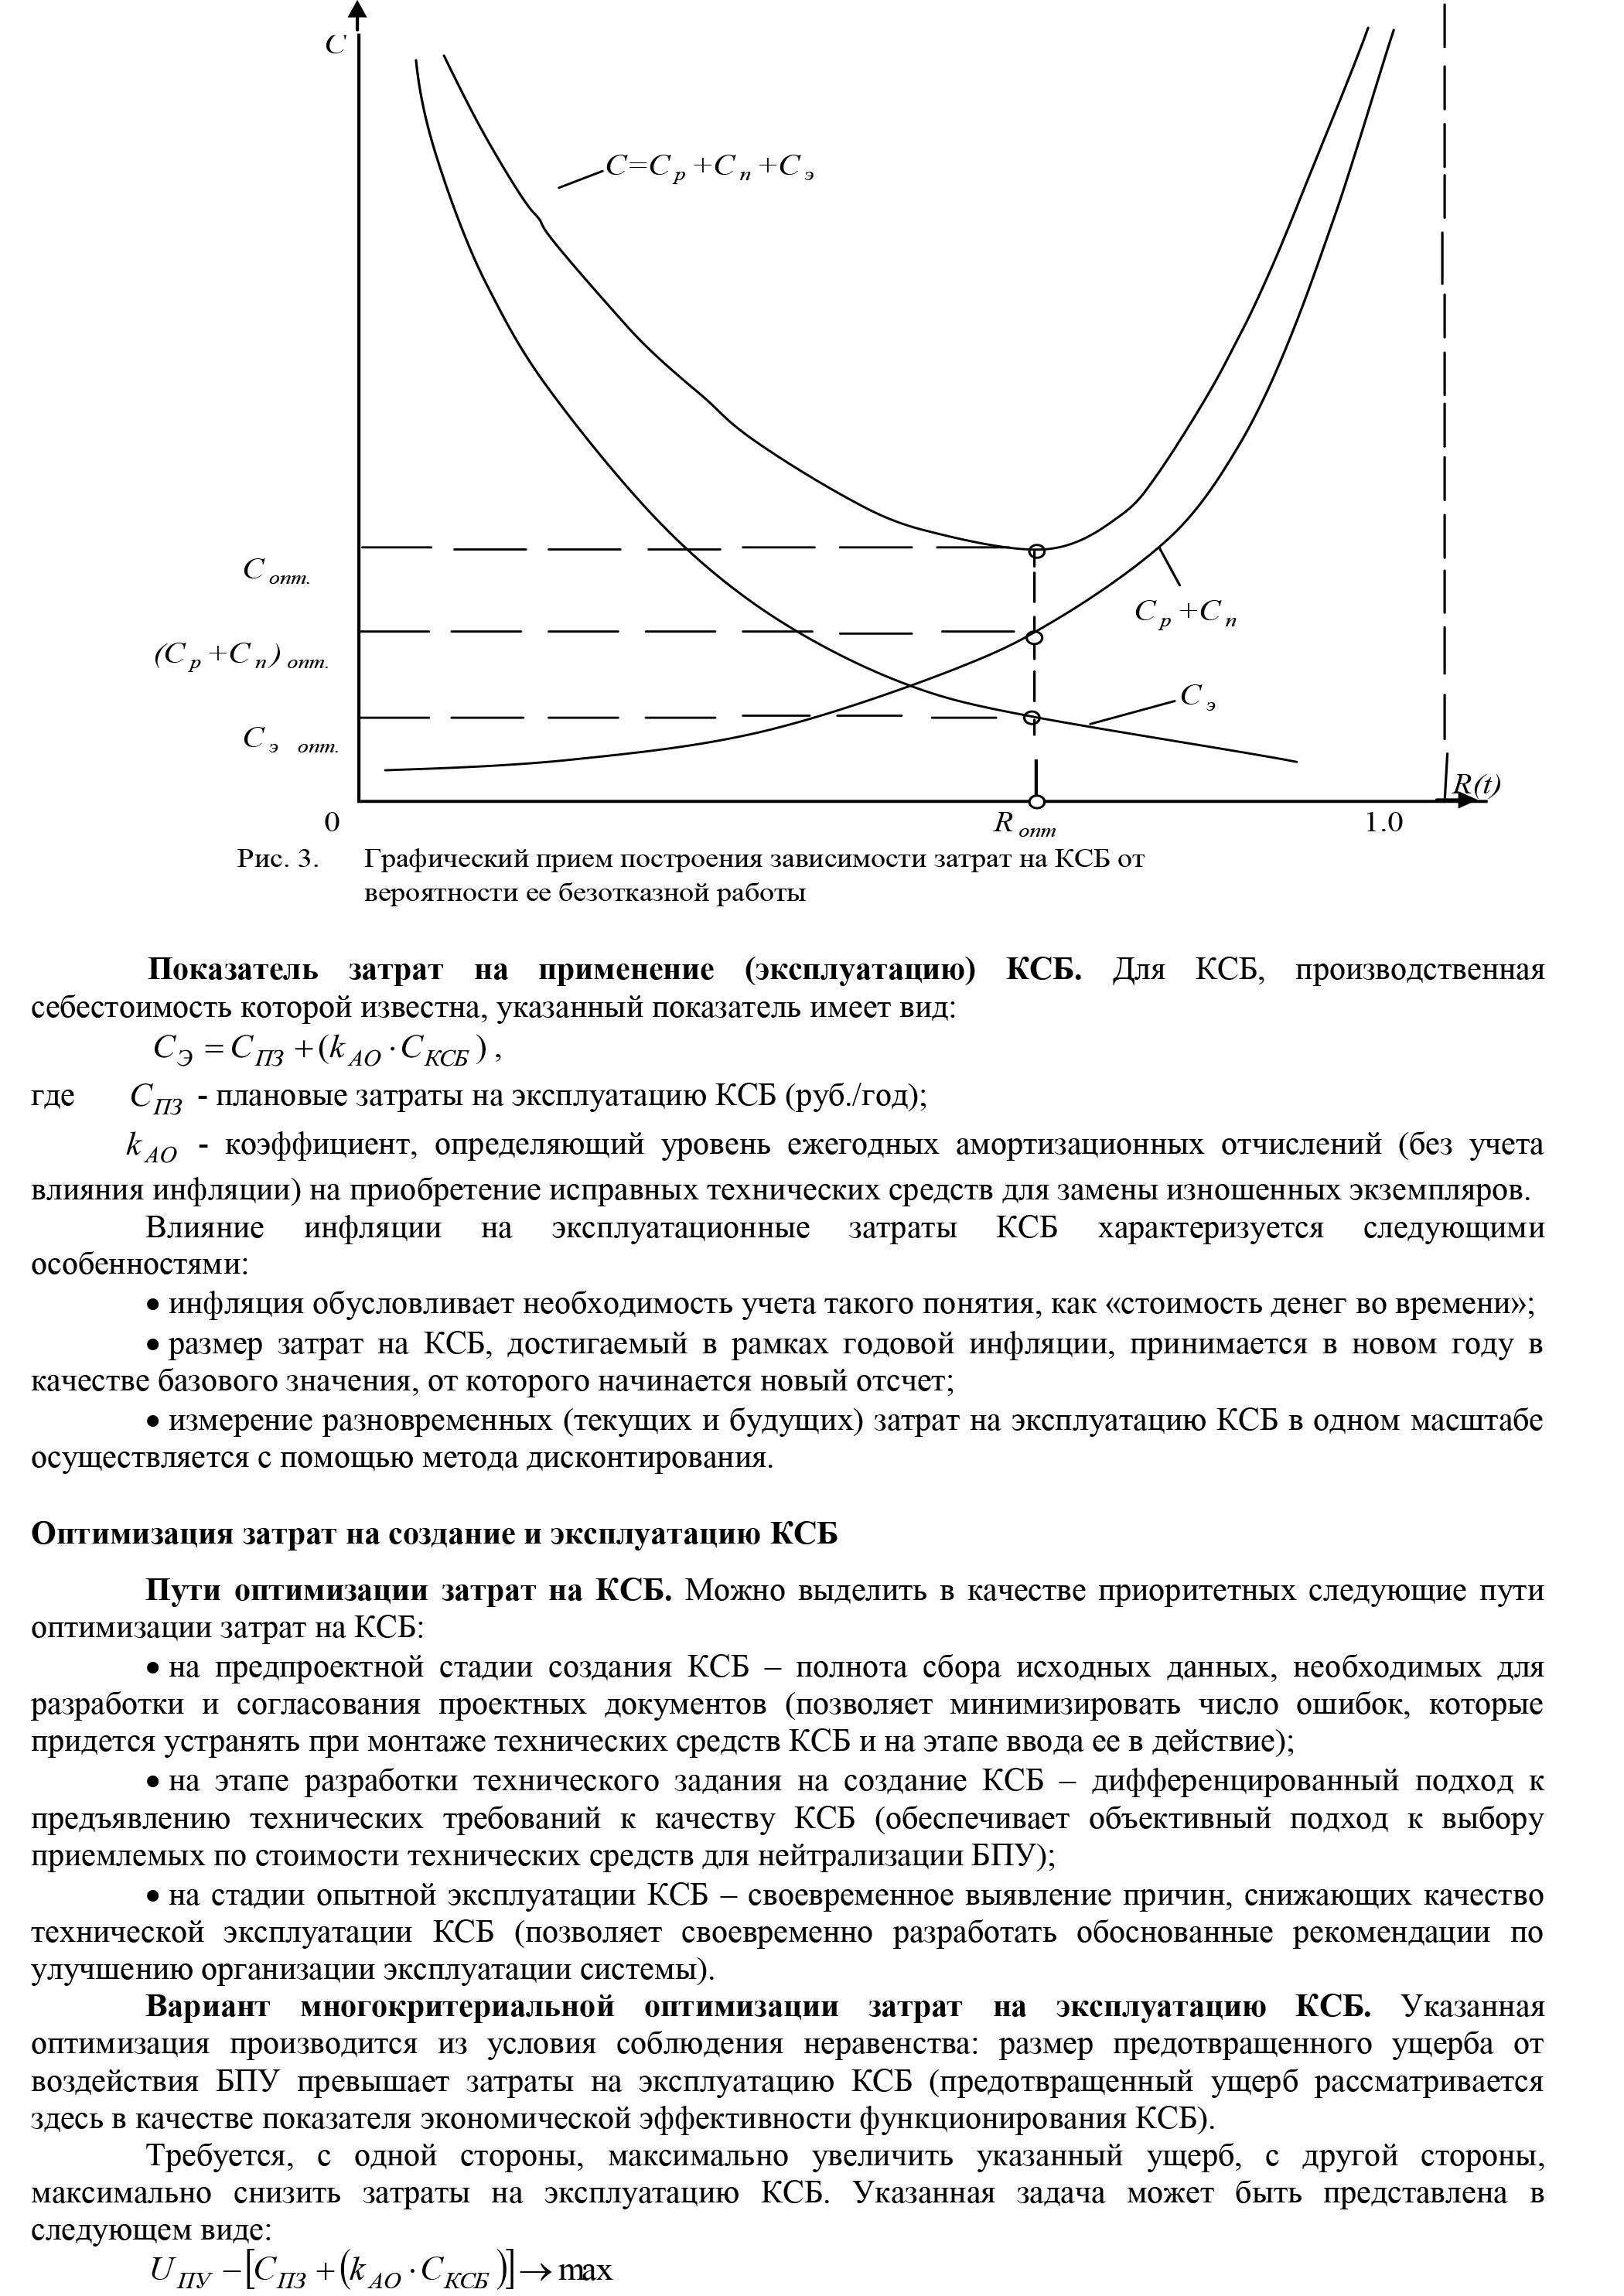 str8_5